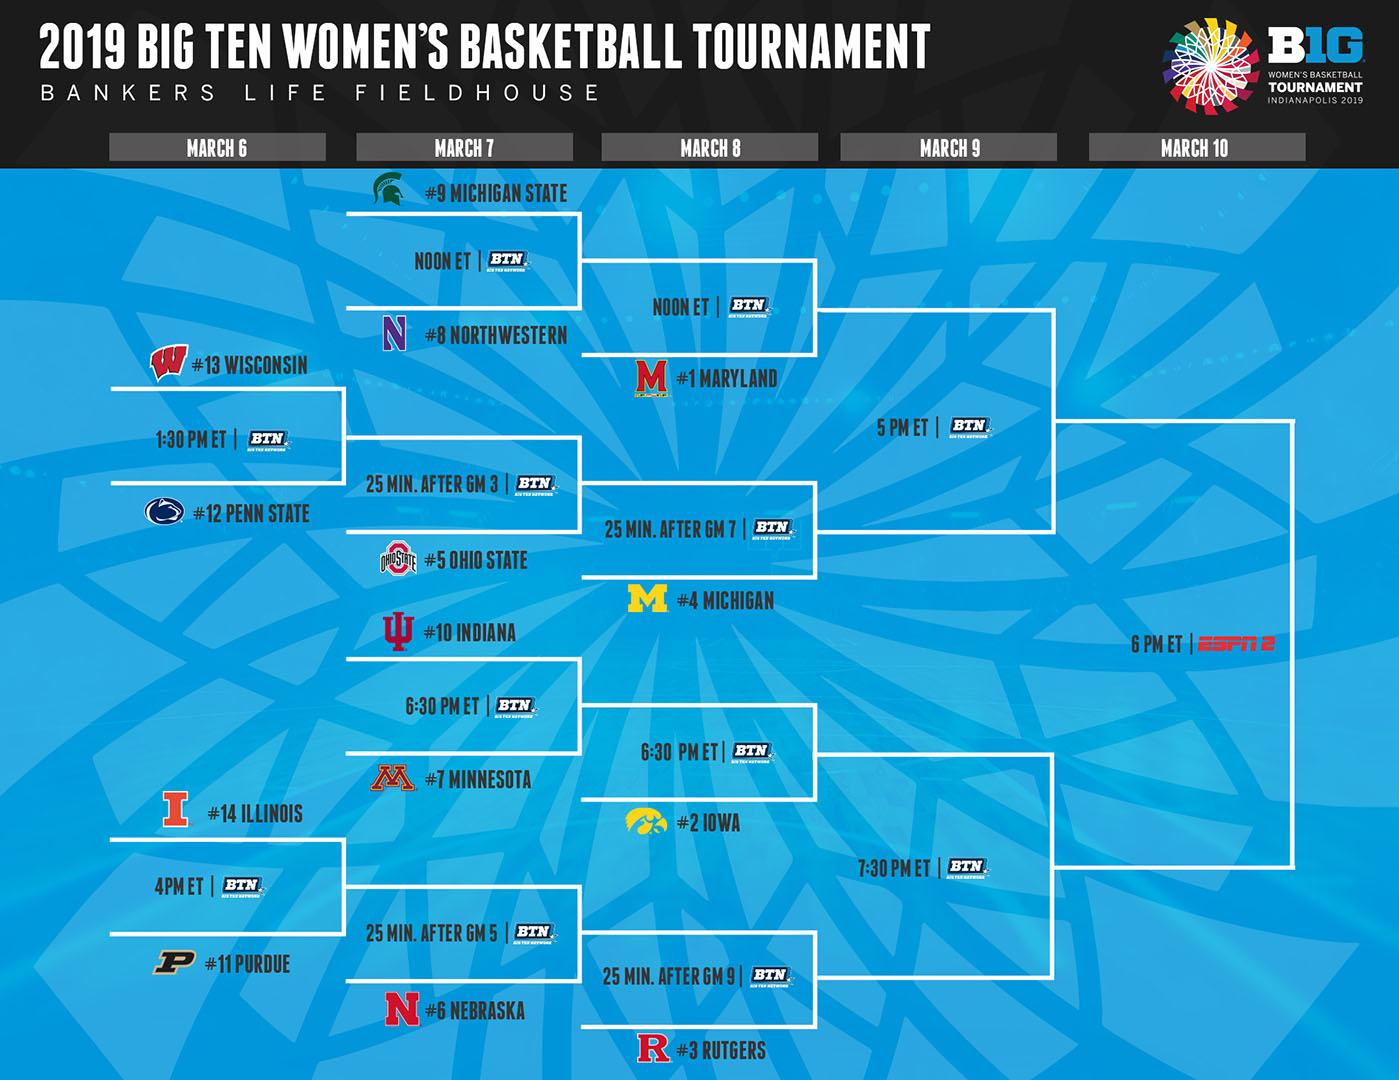 2019 Big Ten Women's Basketball Tournament